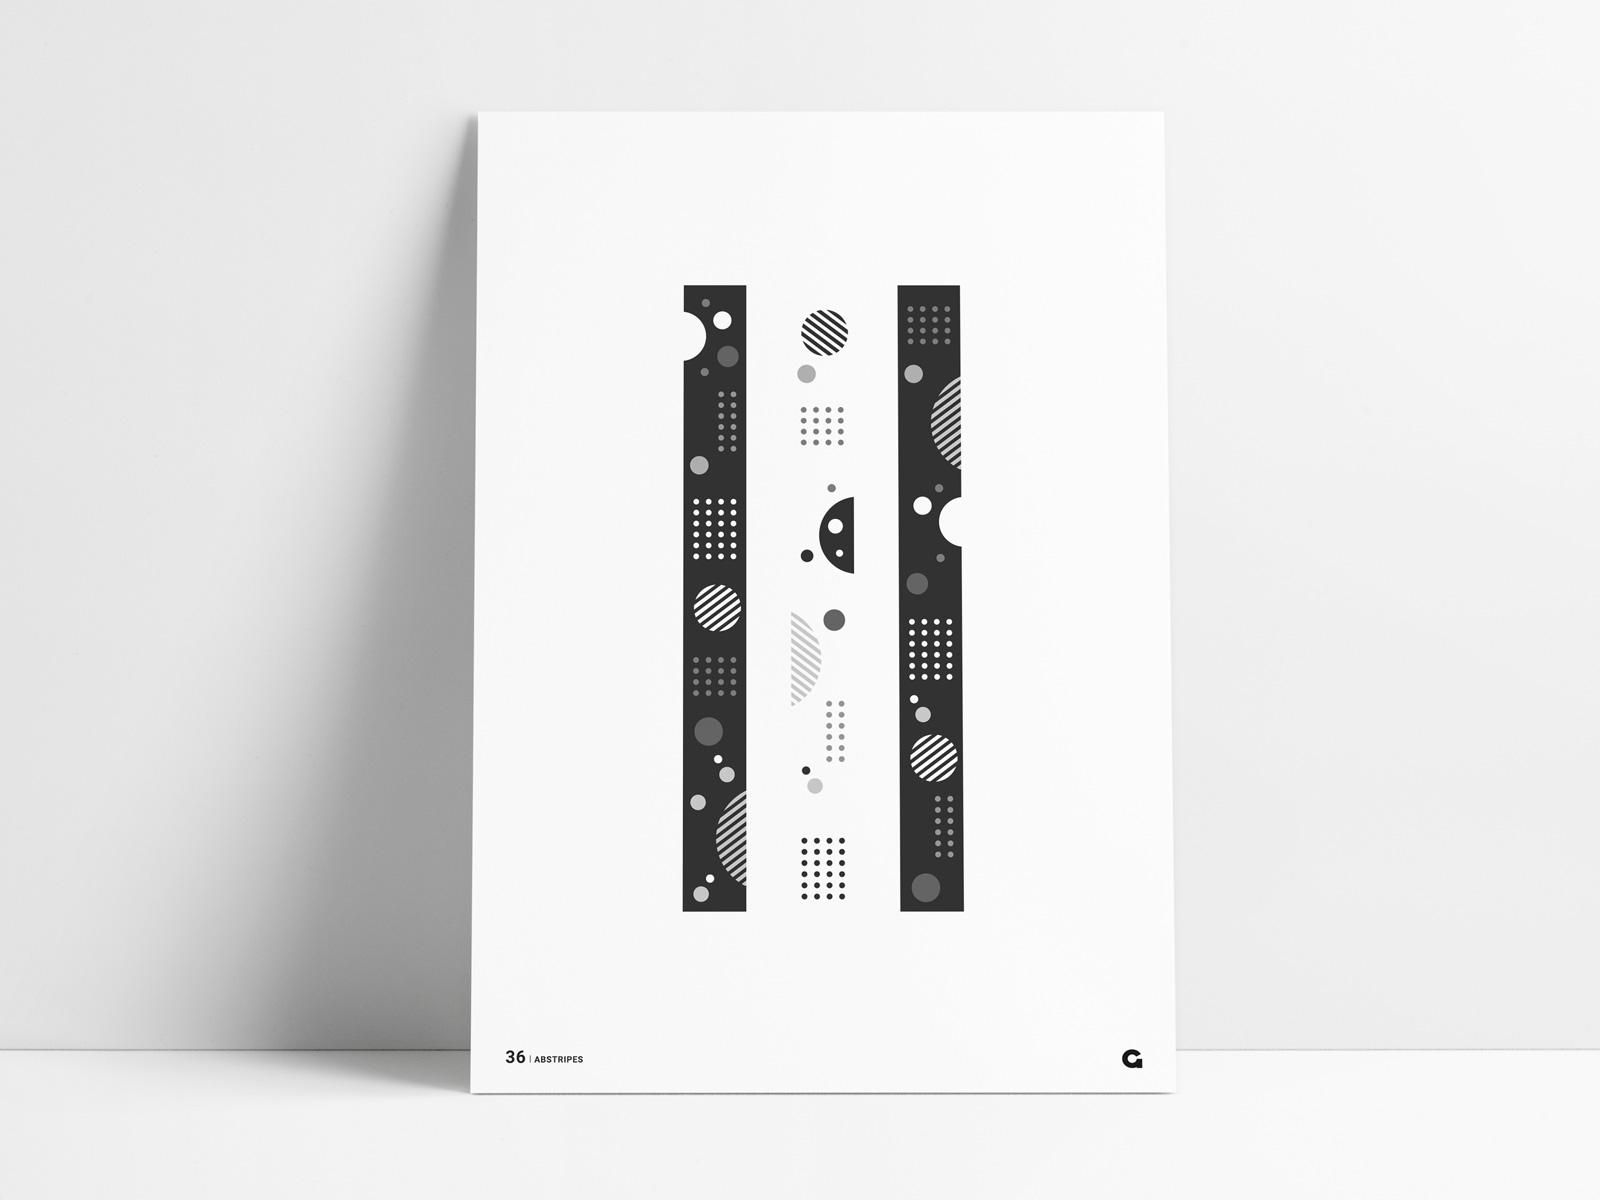 Poster-36.jpg